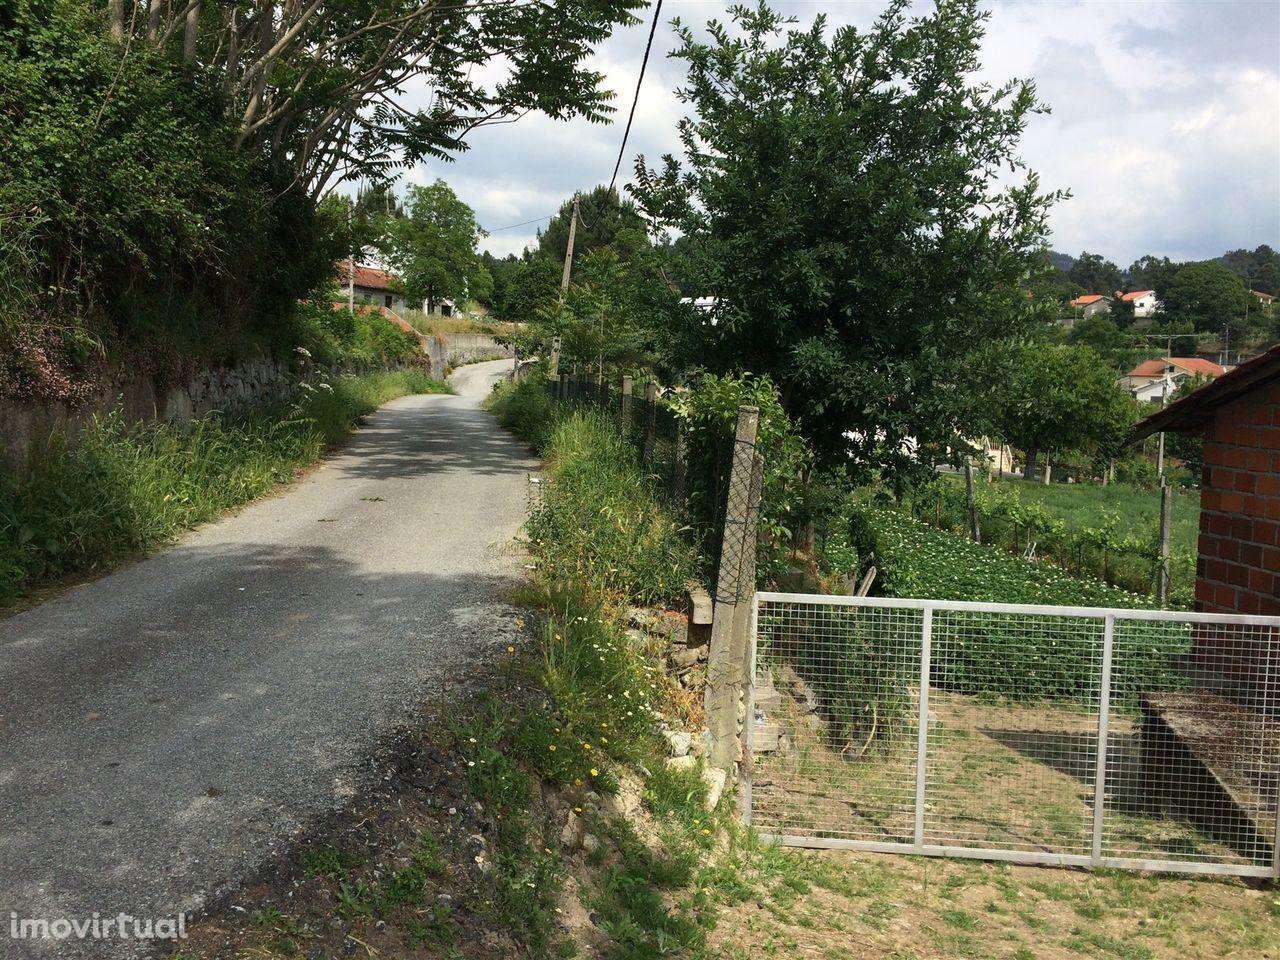 Terreno para comprar, Sande, Vilarinho, Barros e Gomide, Braga - Foto 6